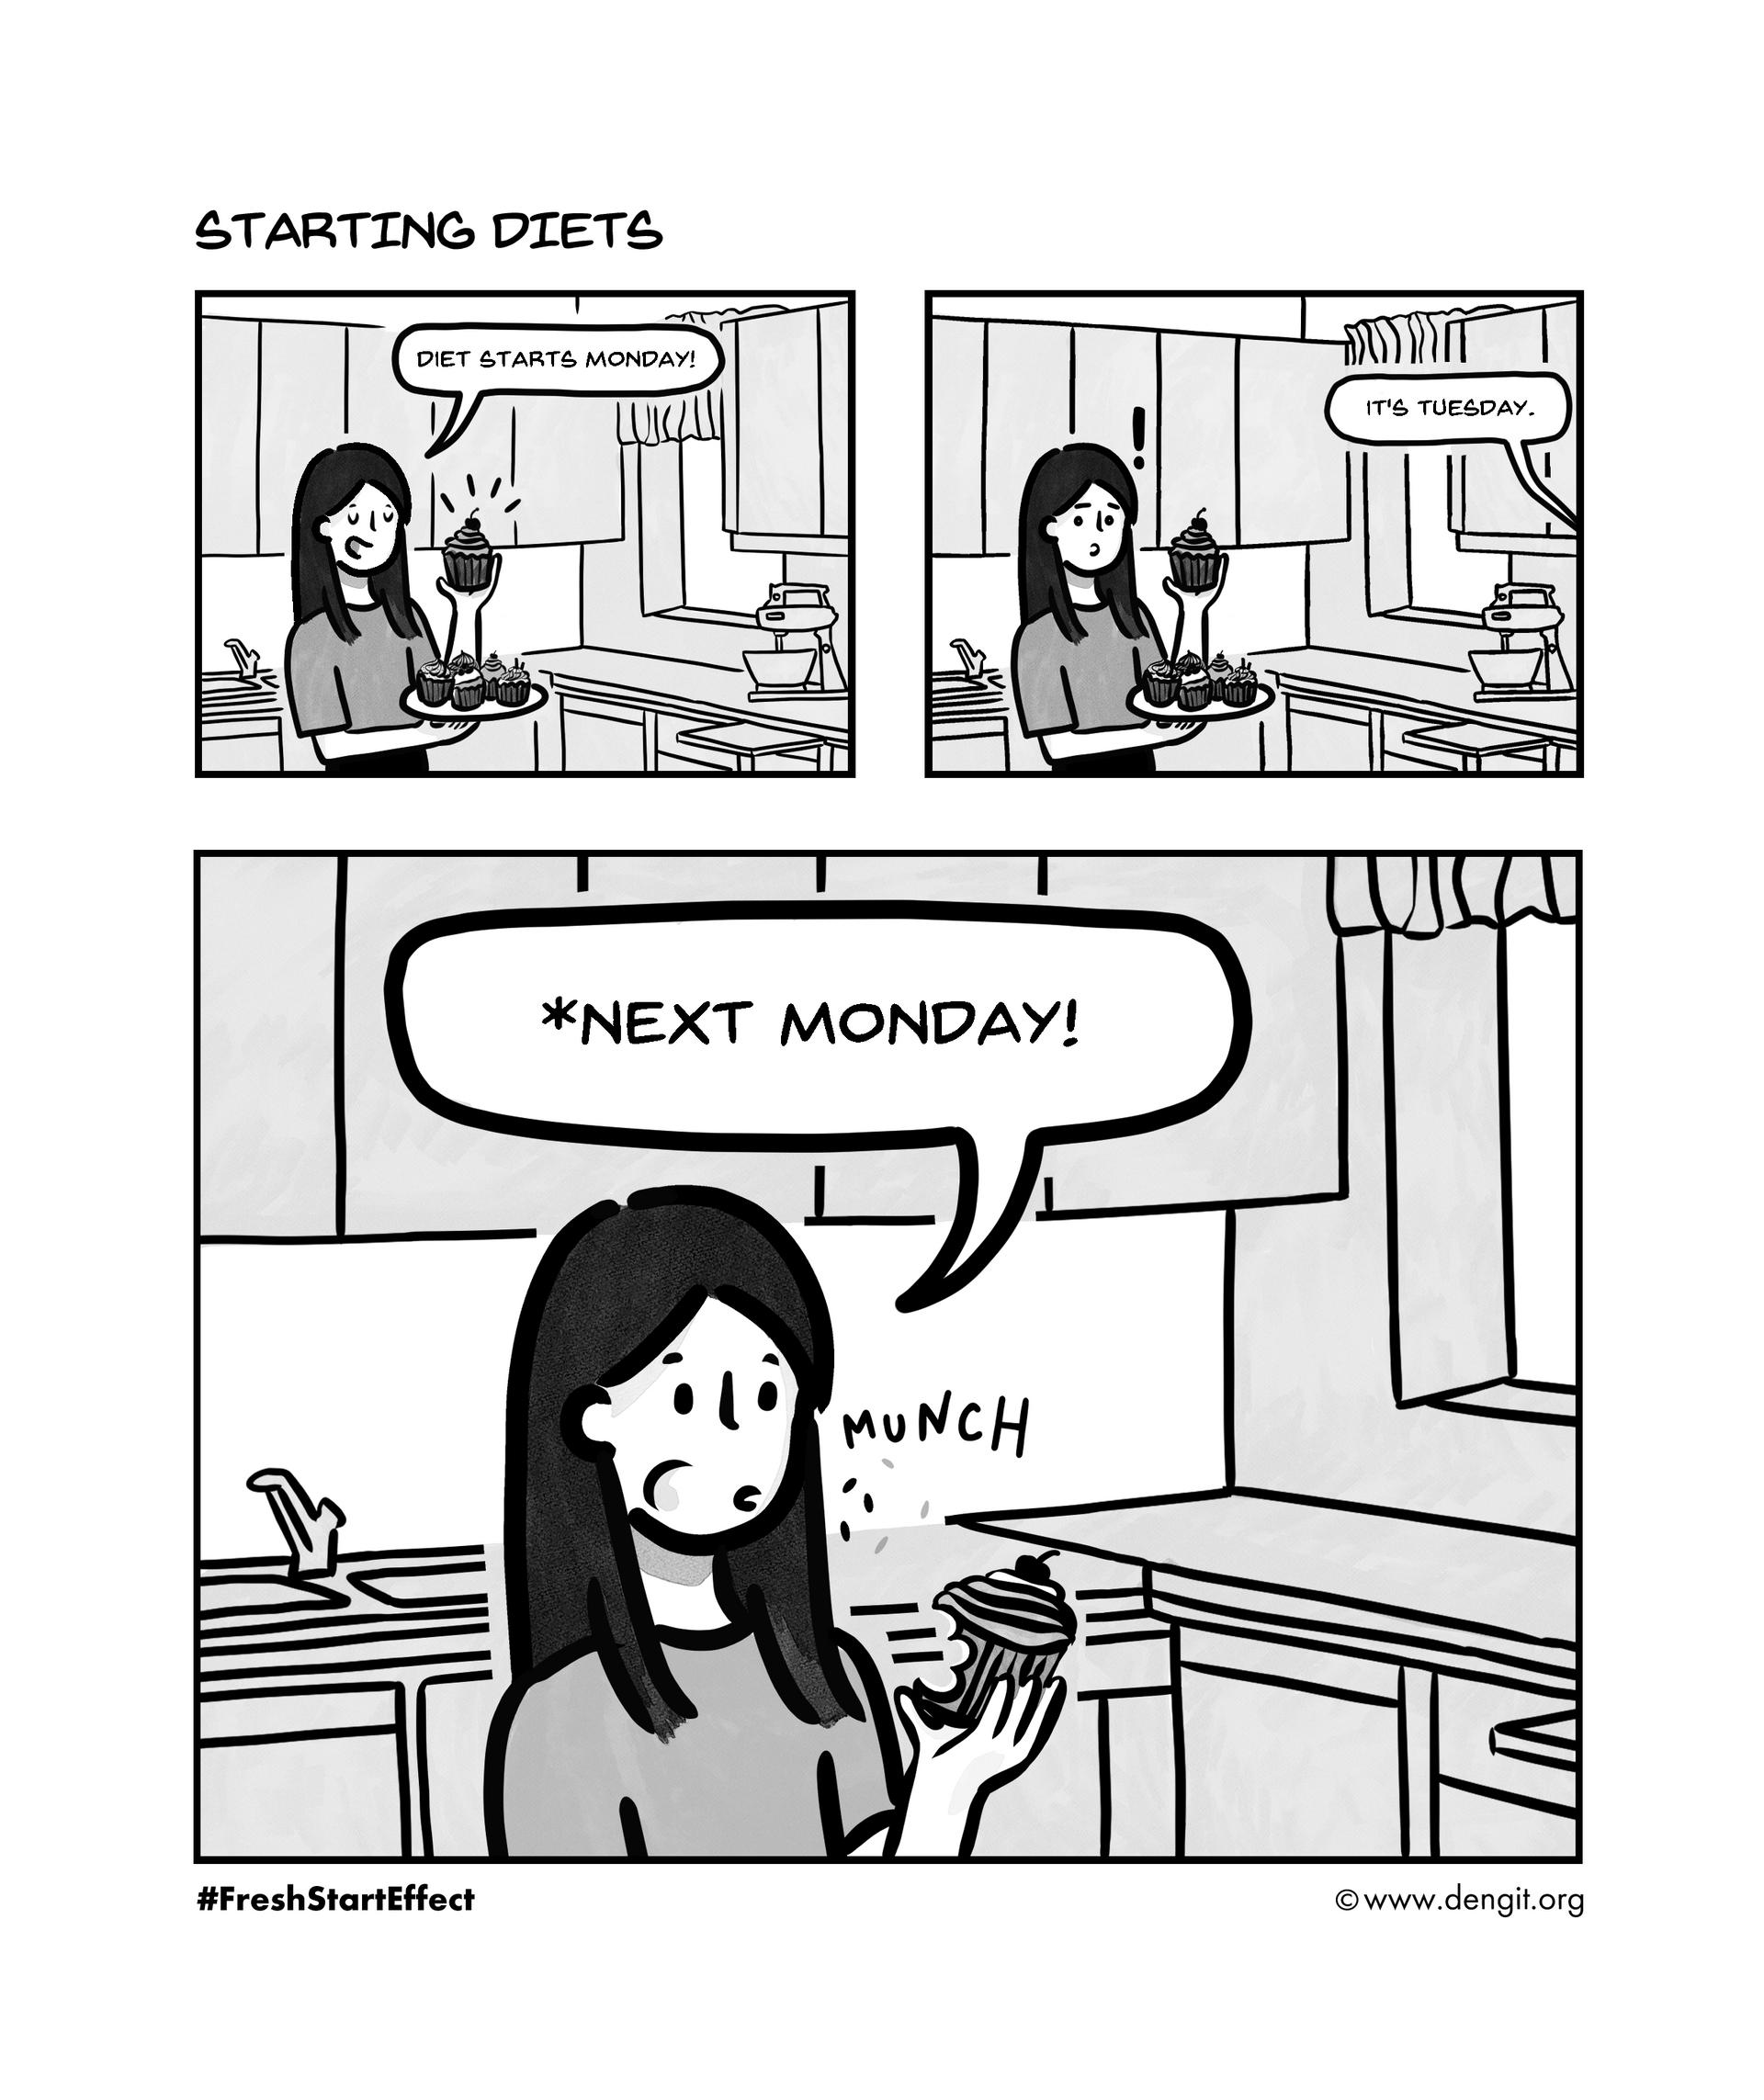 Starting Diets